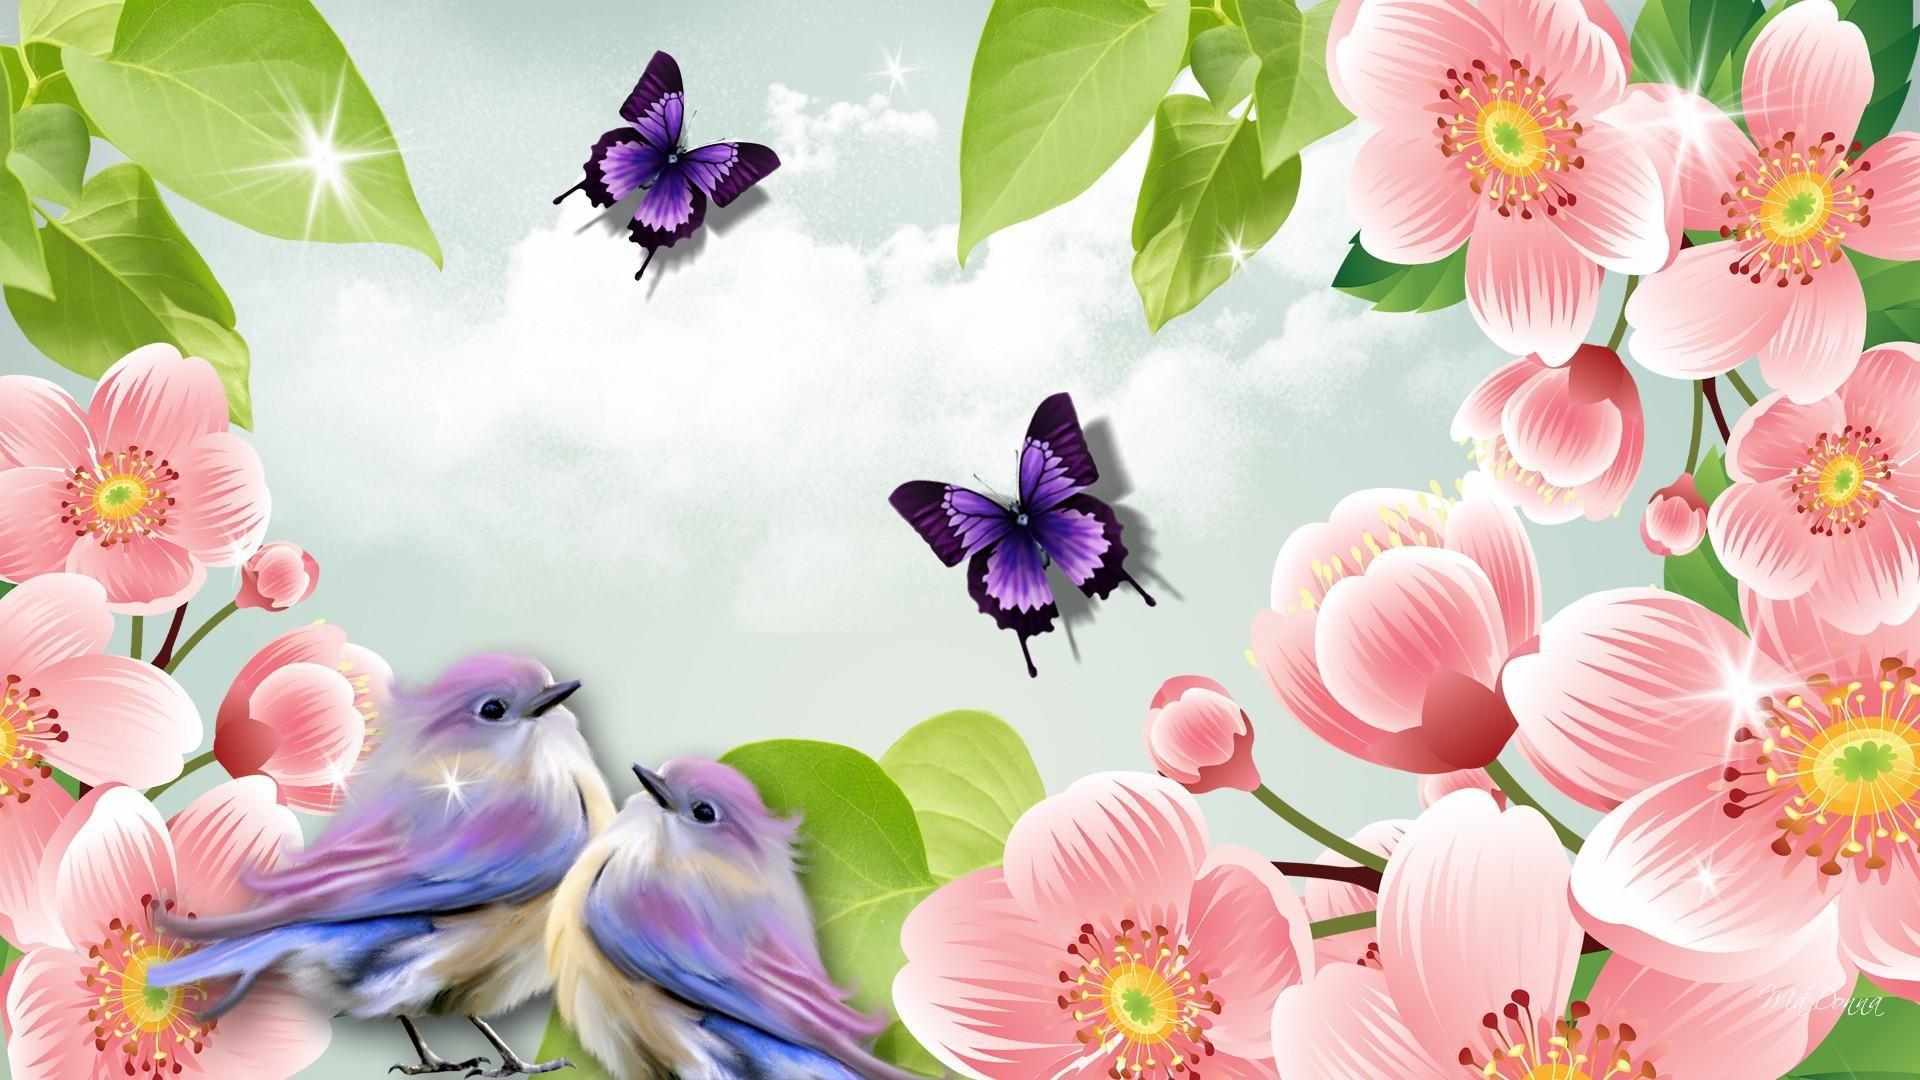 Spring Summer HD desktop wallpaper : Widescreen : High Definition .